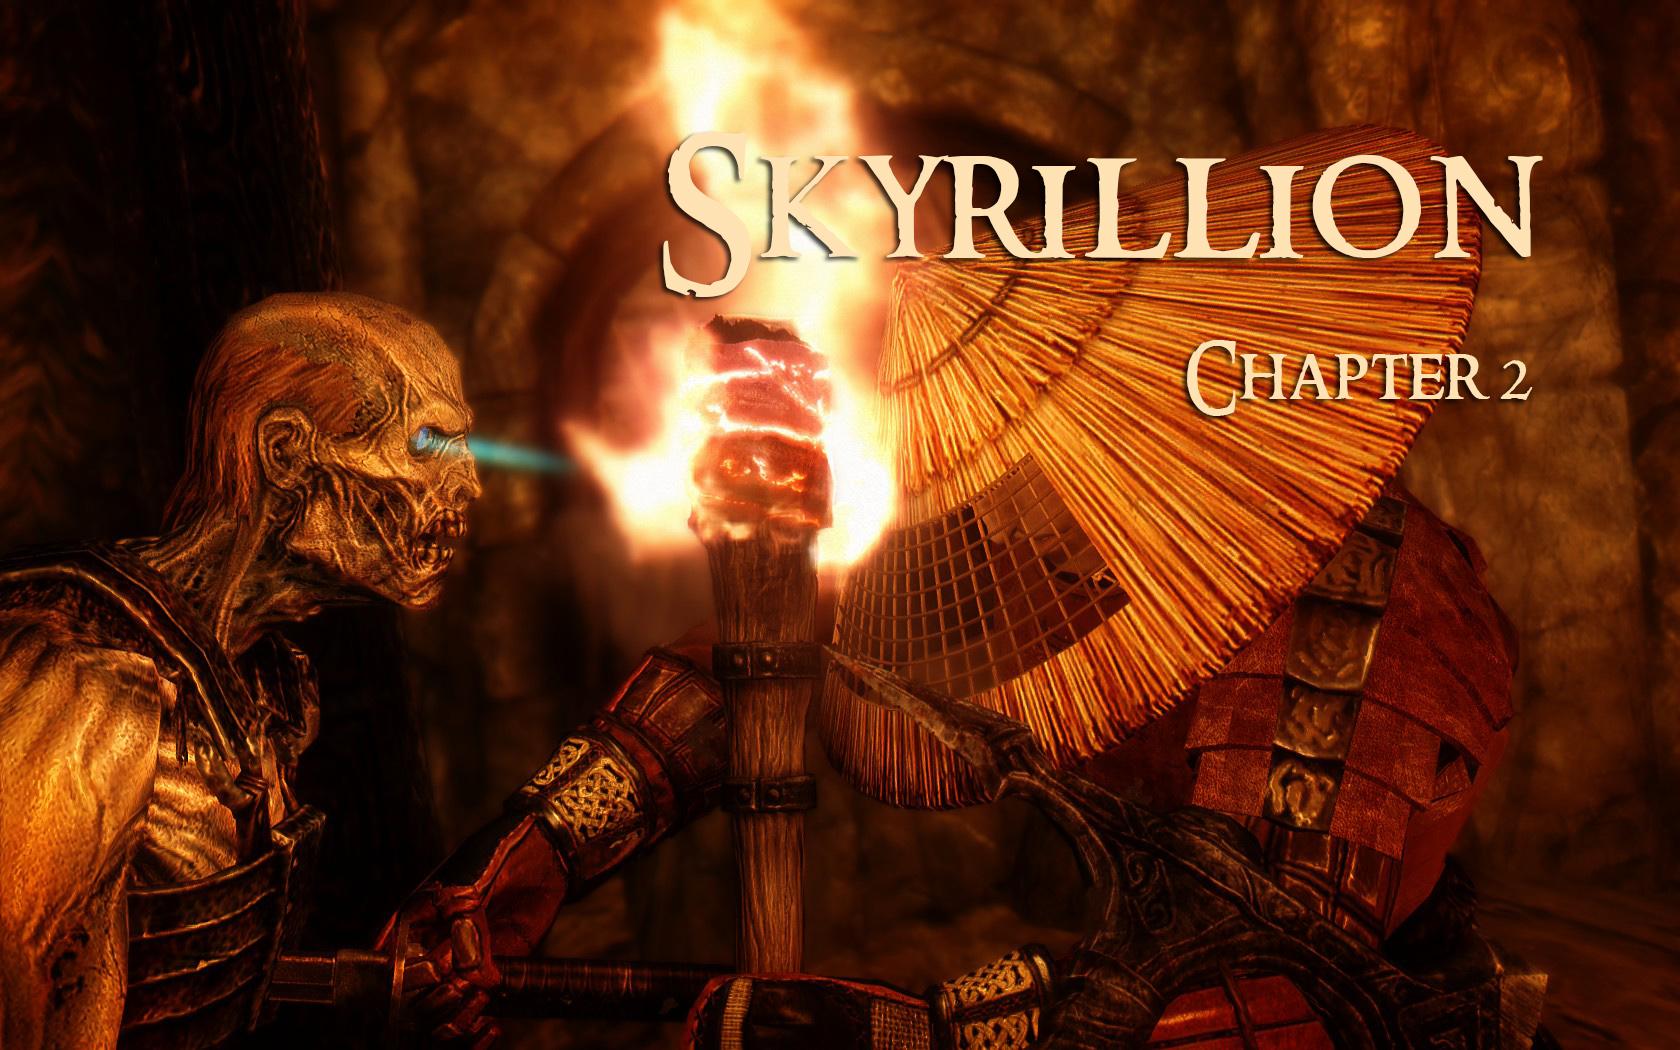 Скайриллион - глава 2